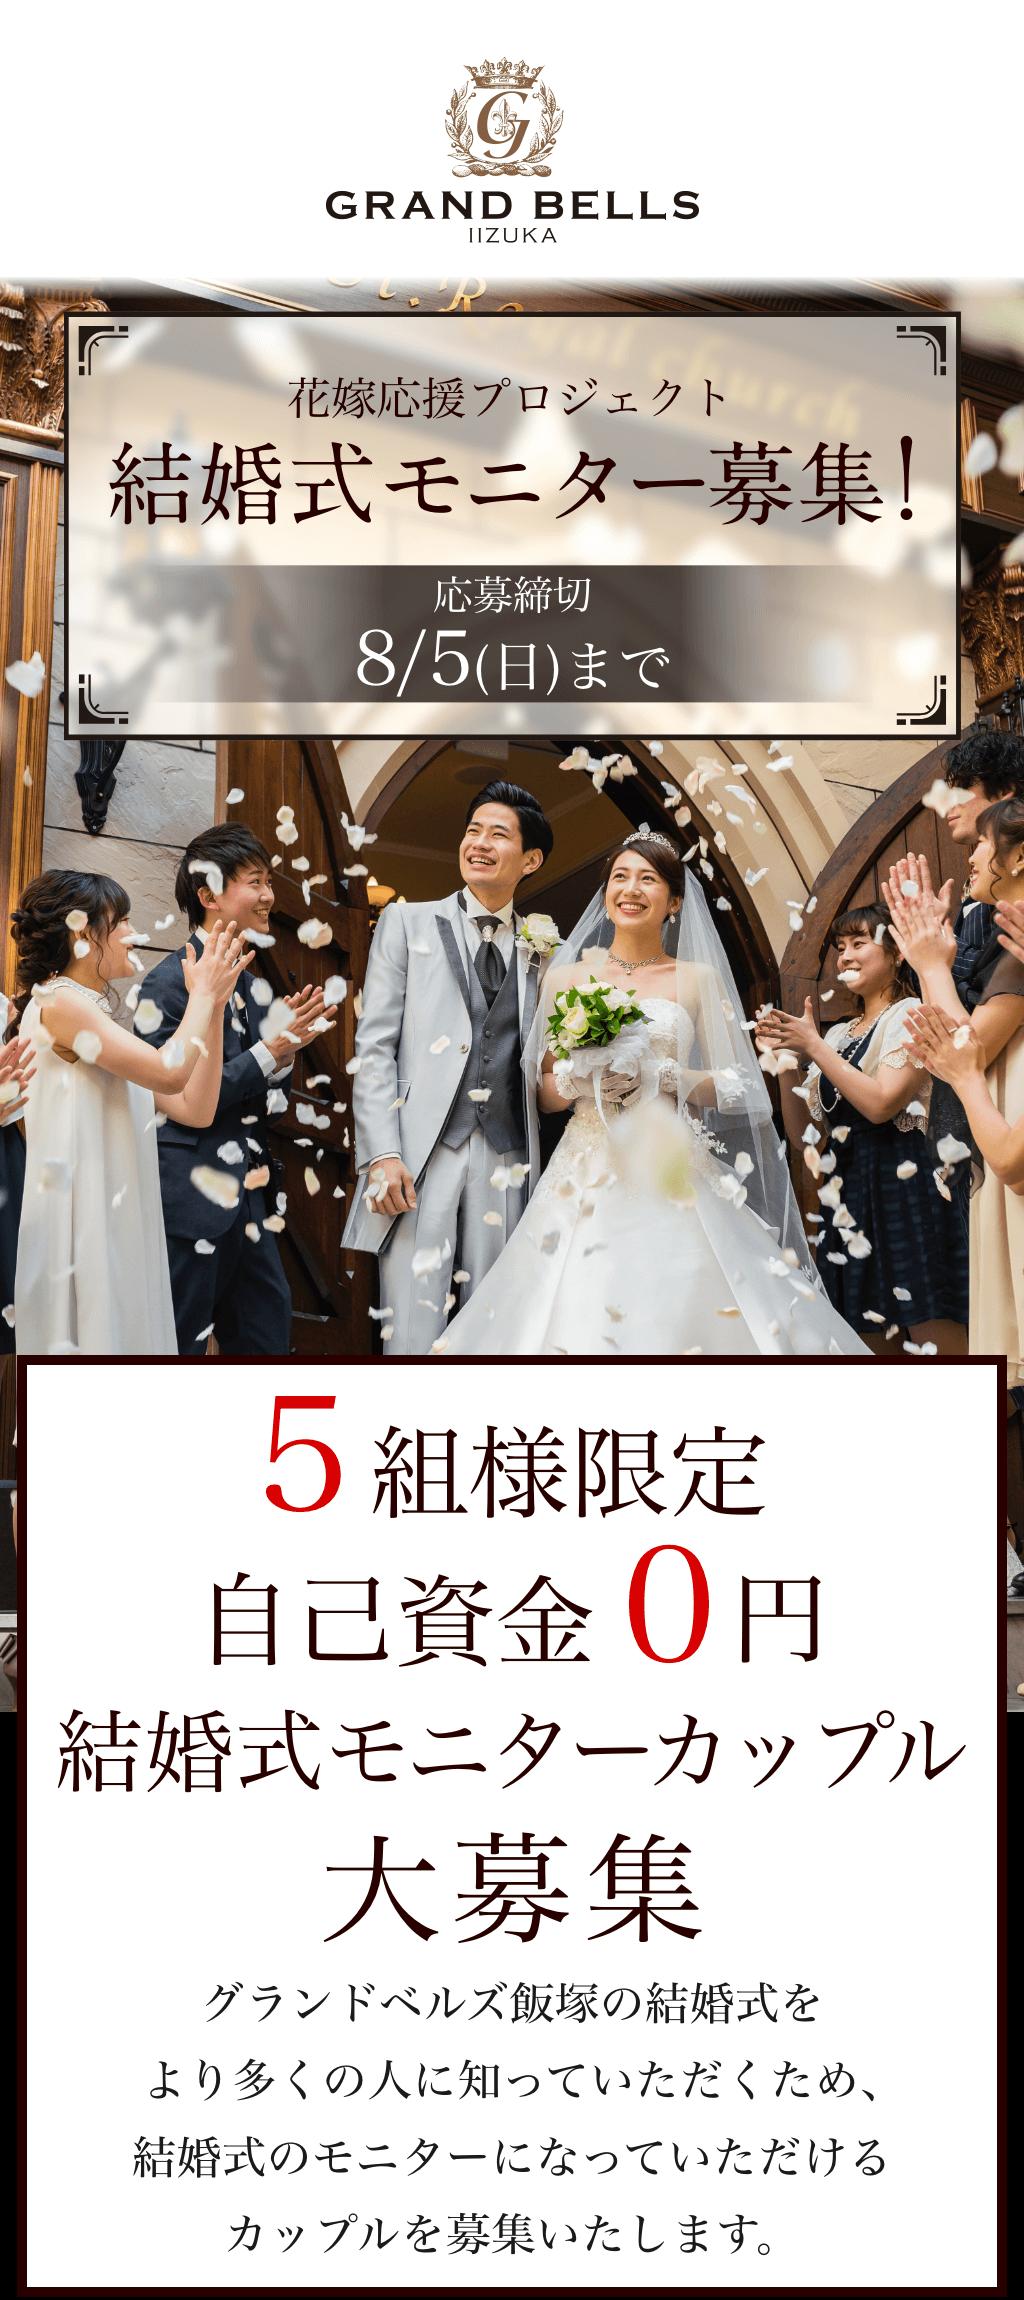 グランドベルズ飯塚 花嫁応援プロジェクト 結婚式モニター募集!